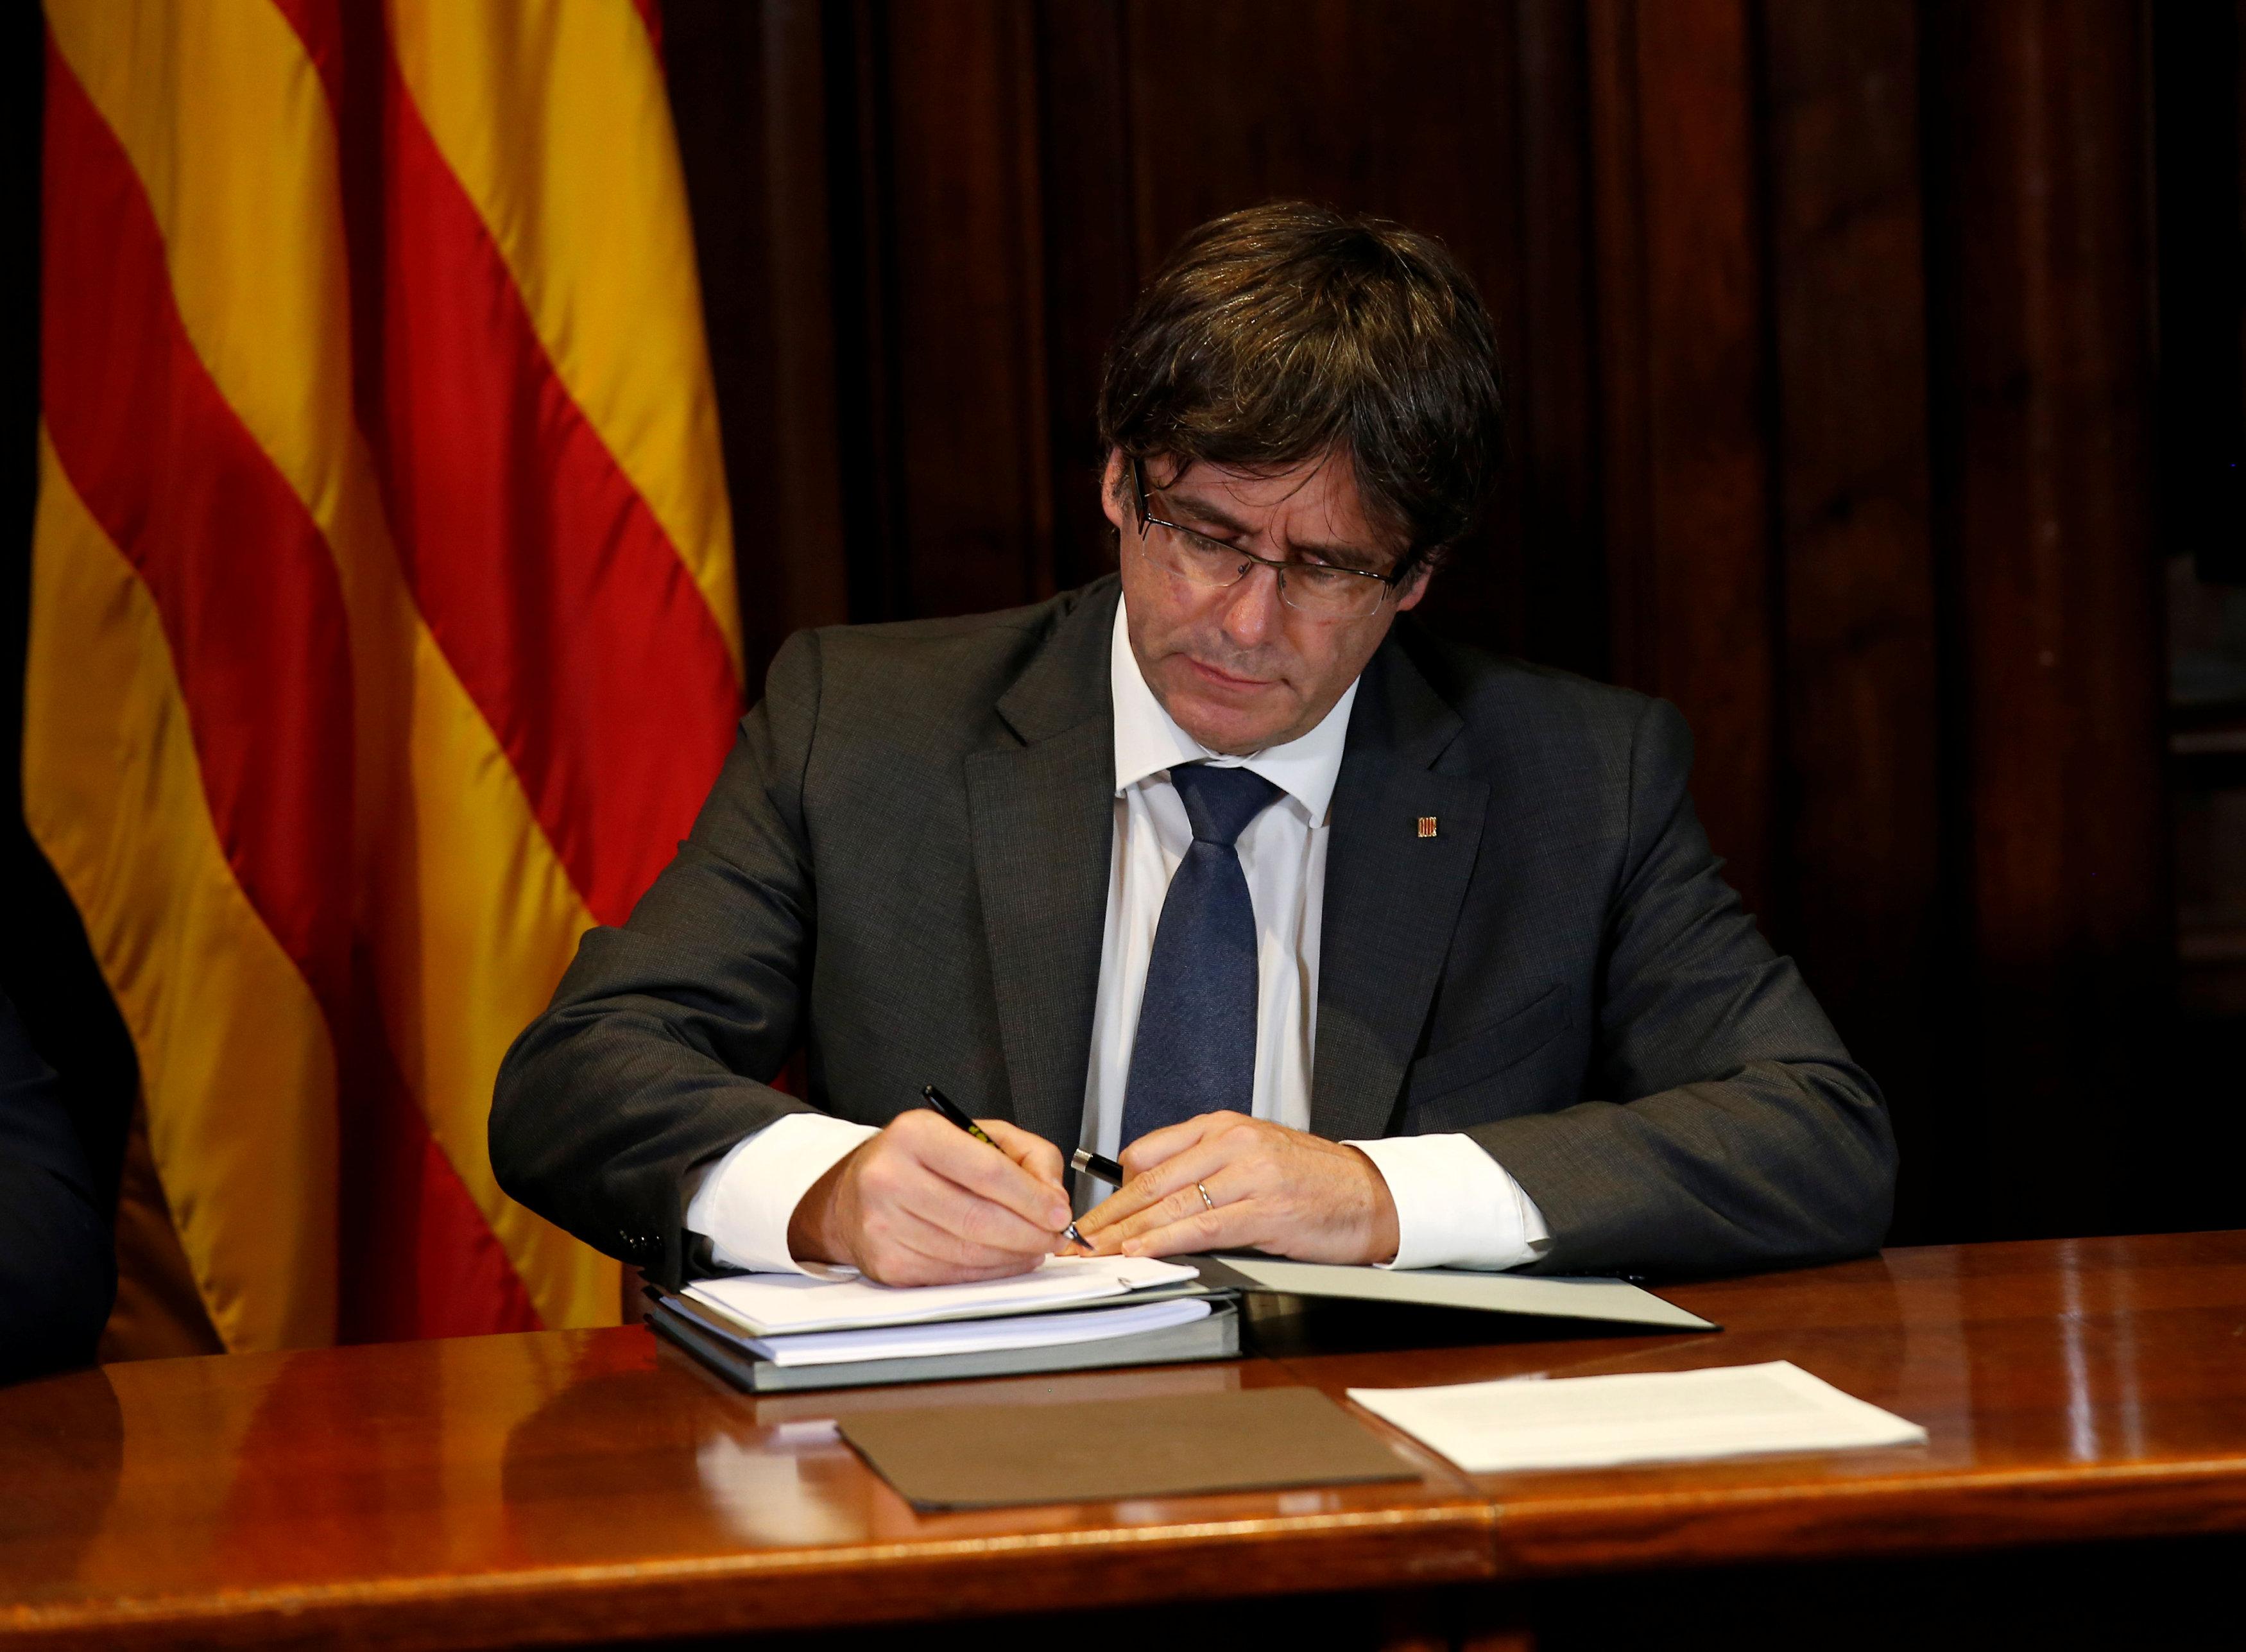 Parlamento catalán aprobó la ley para amparar referéndum de independencia